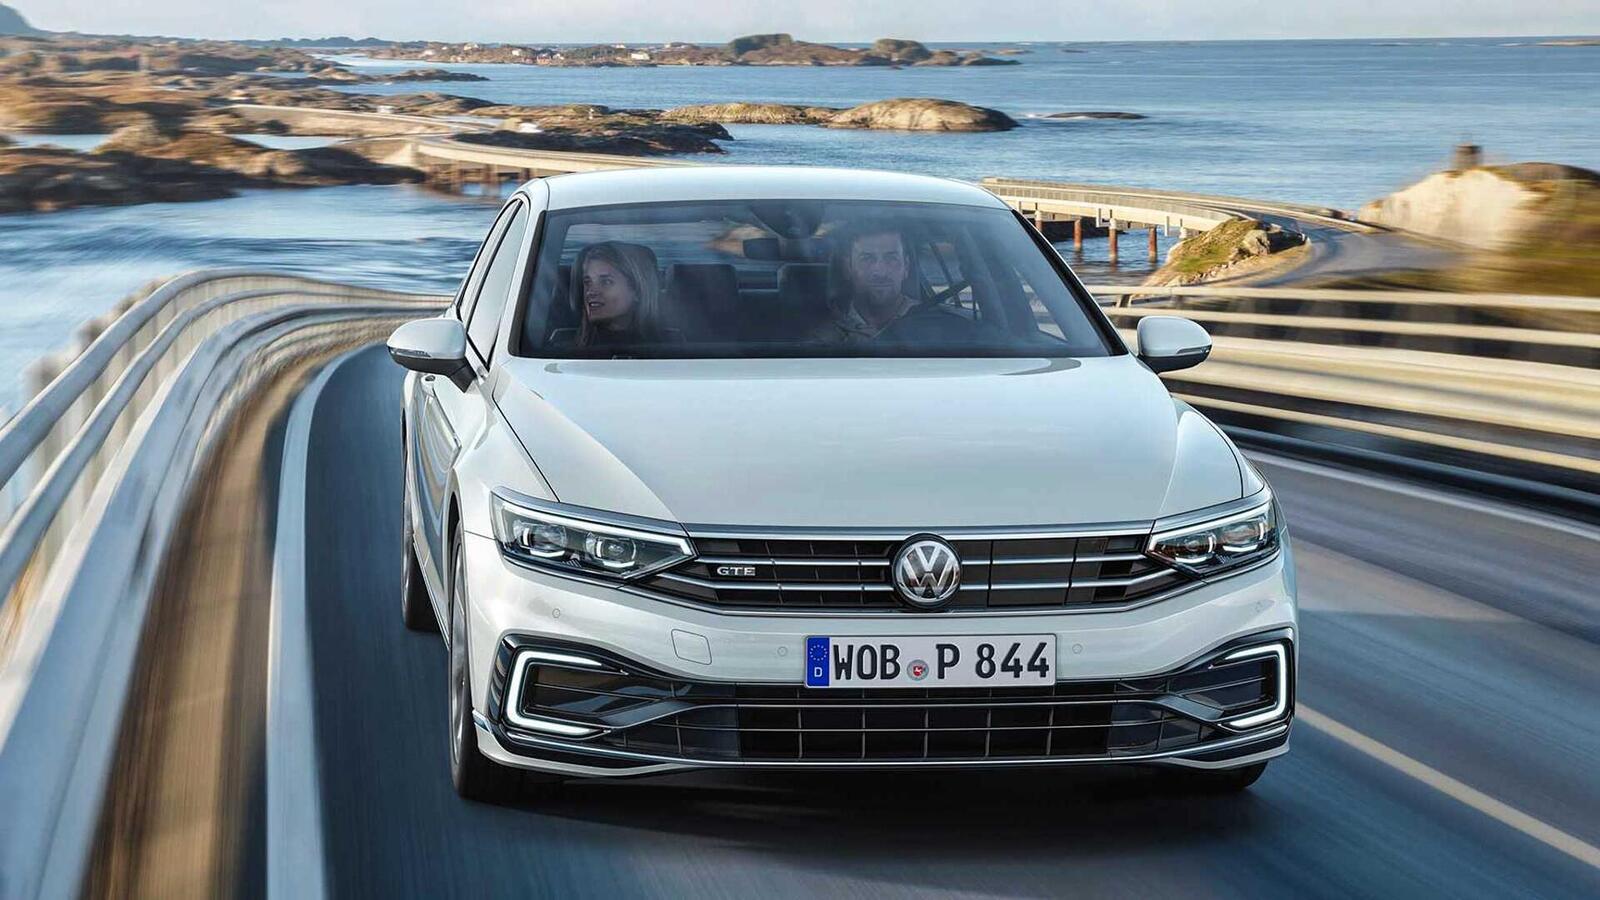 Volkswagen Passat 2020 mới phiên bản châu Âu; thêm đèn LED matrix; tương lai có thể về Việt Nam - Hình 1